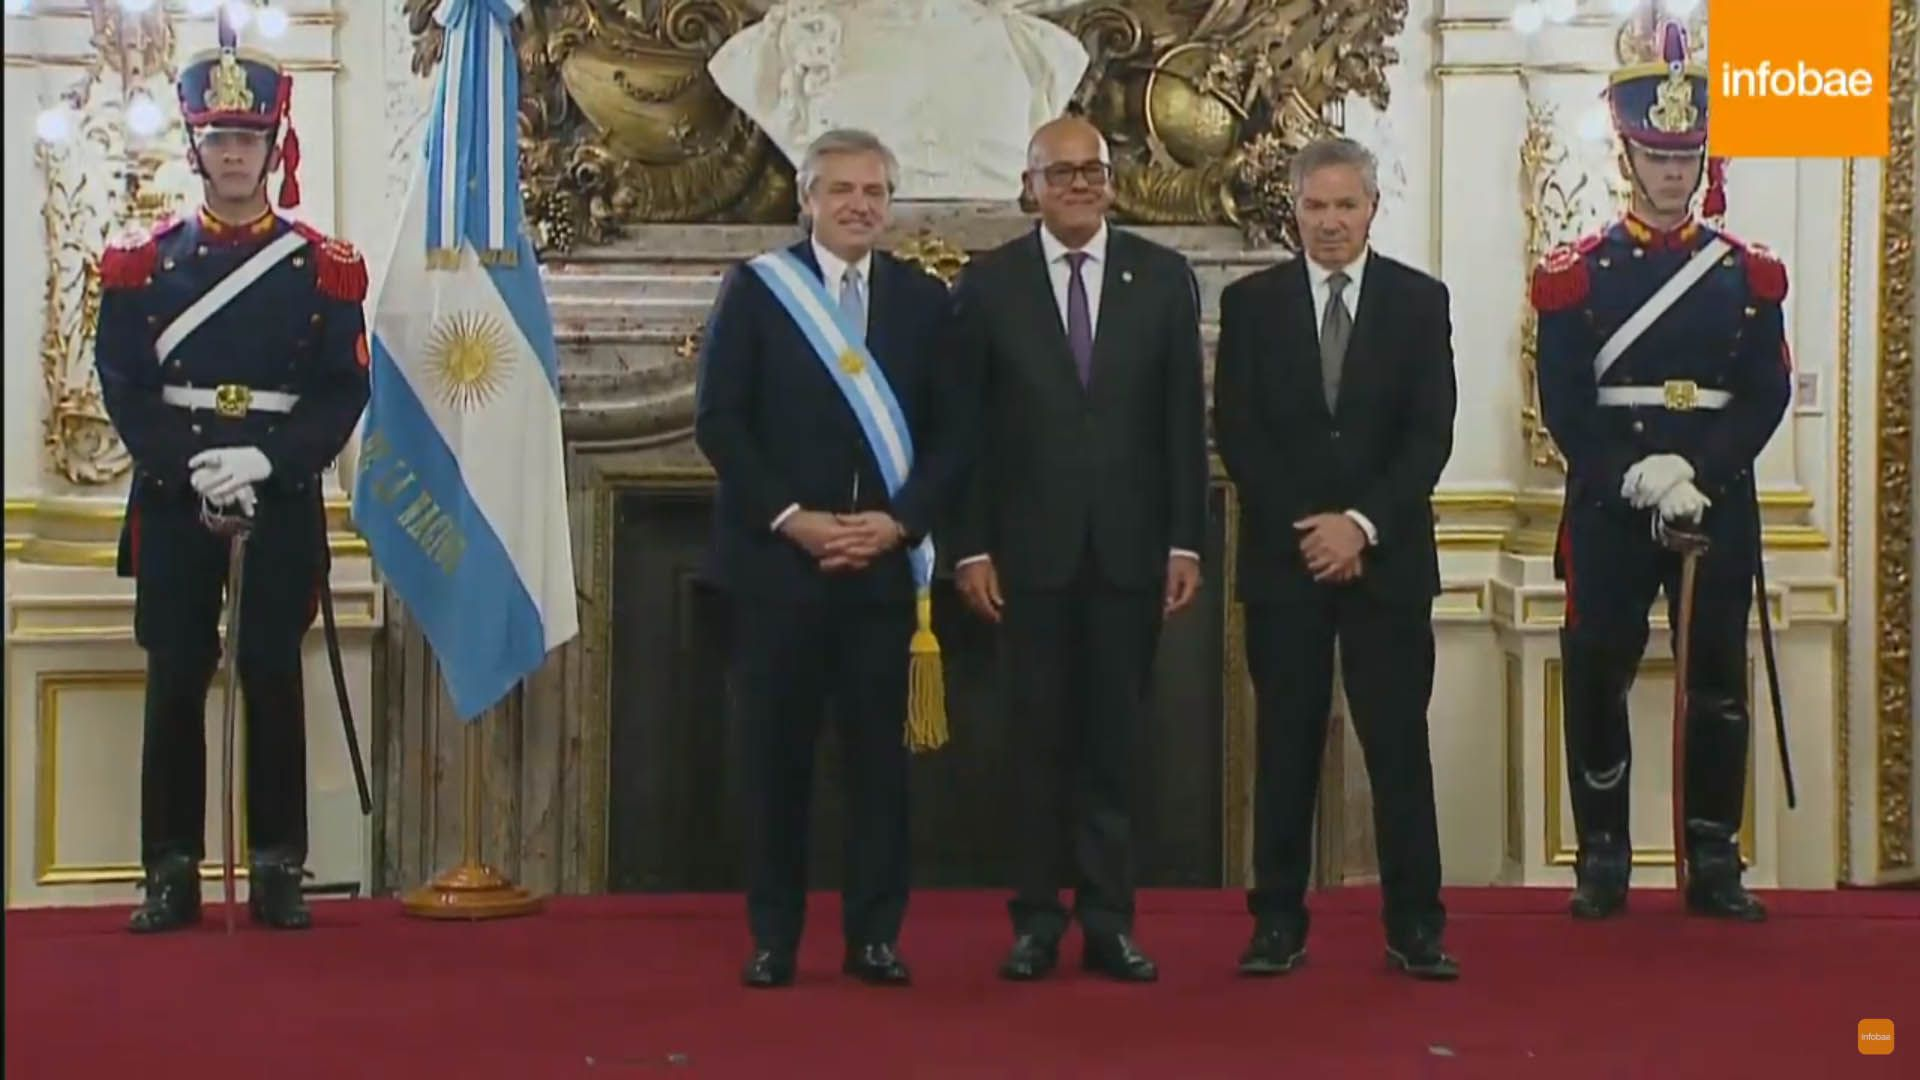 Alberto Fernández junto a Jorge Rodríguez, enviado especial de Nicolás Maduro a la asunción presidencial, y el canciller Felipe Solá